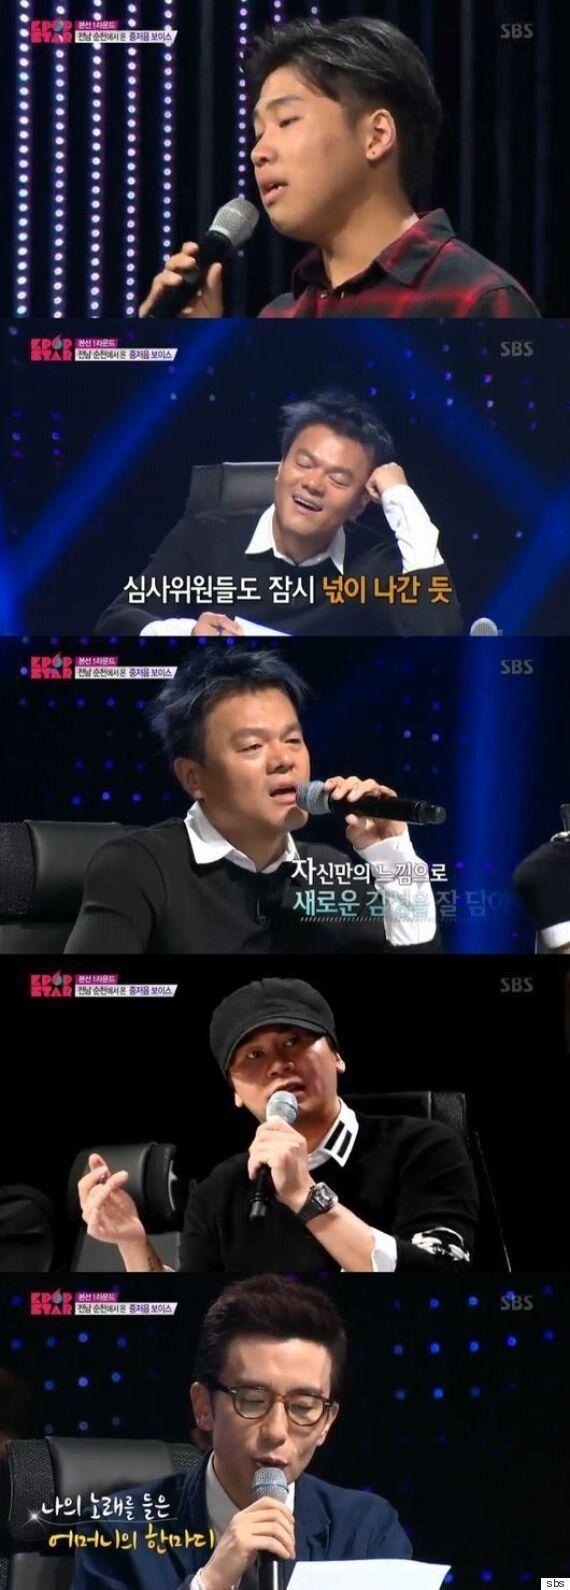 'K팝스타' 서경덕, 양현석 극찬으로 2라운드 진출